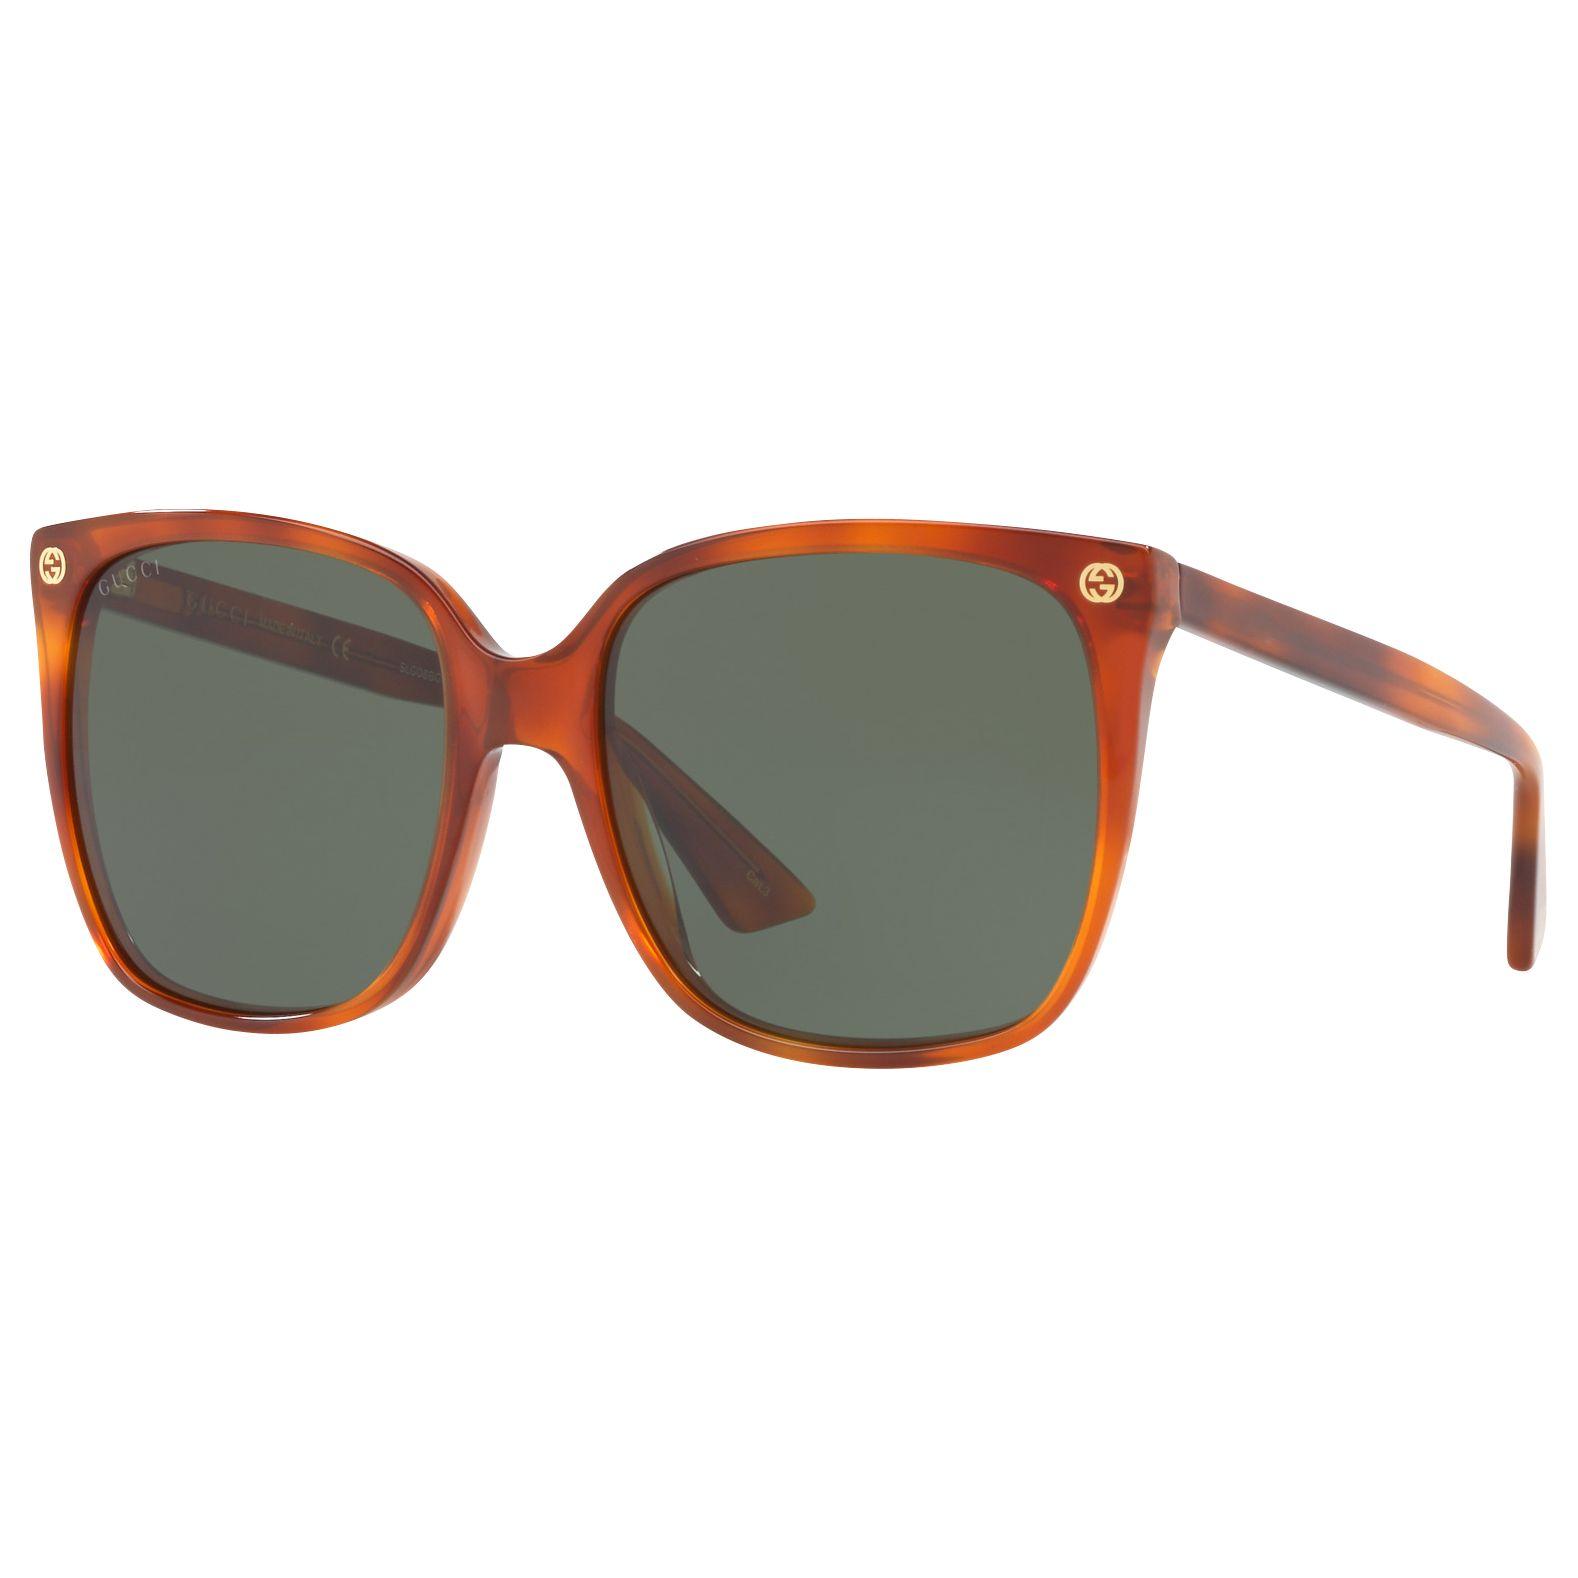 Gucci Gucci GG0022S Square Sunglasses